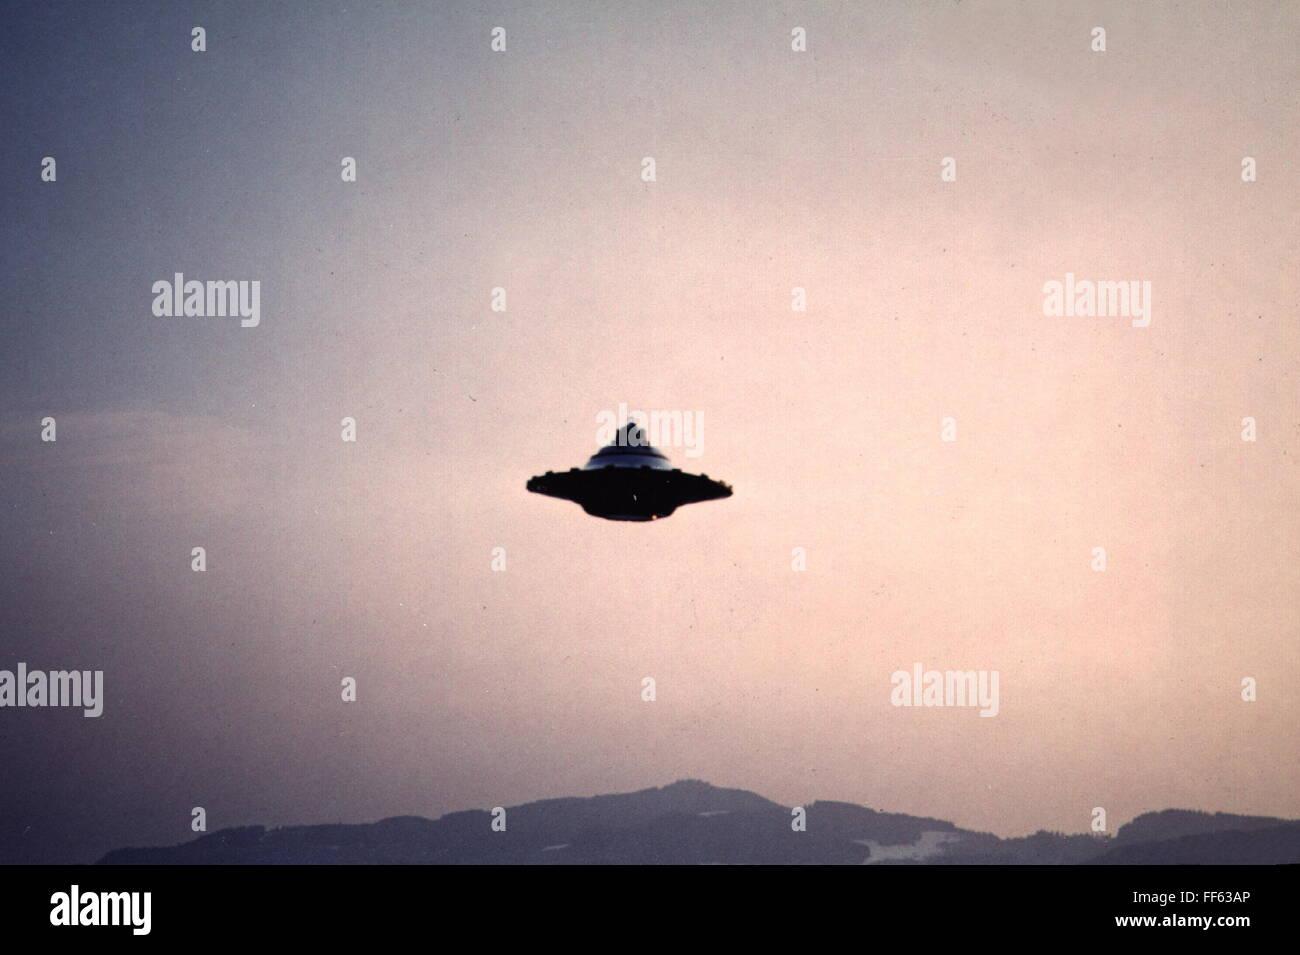 Astronautica, oggetto volante non identificato (UFO), flying ufo, Hasenböl-Langenberg, Svizzera, 29.3.1976, Immagini Stock